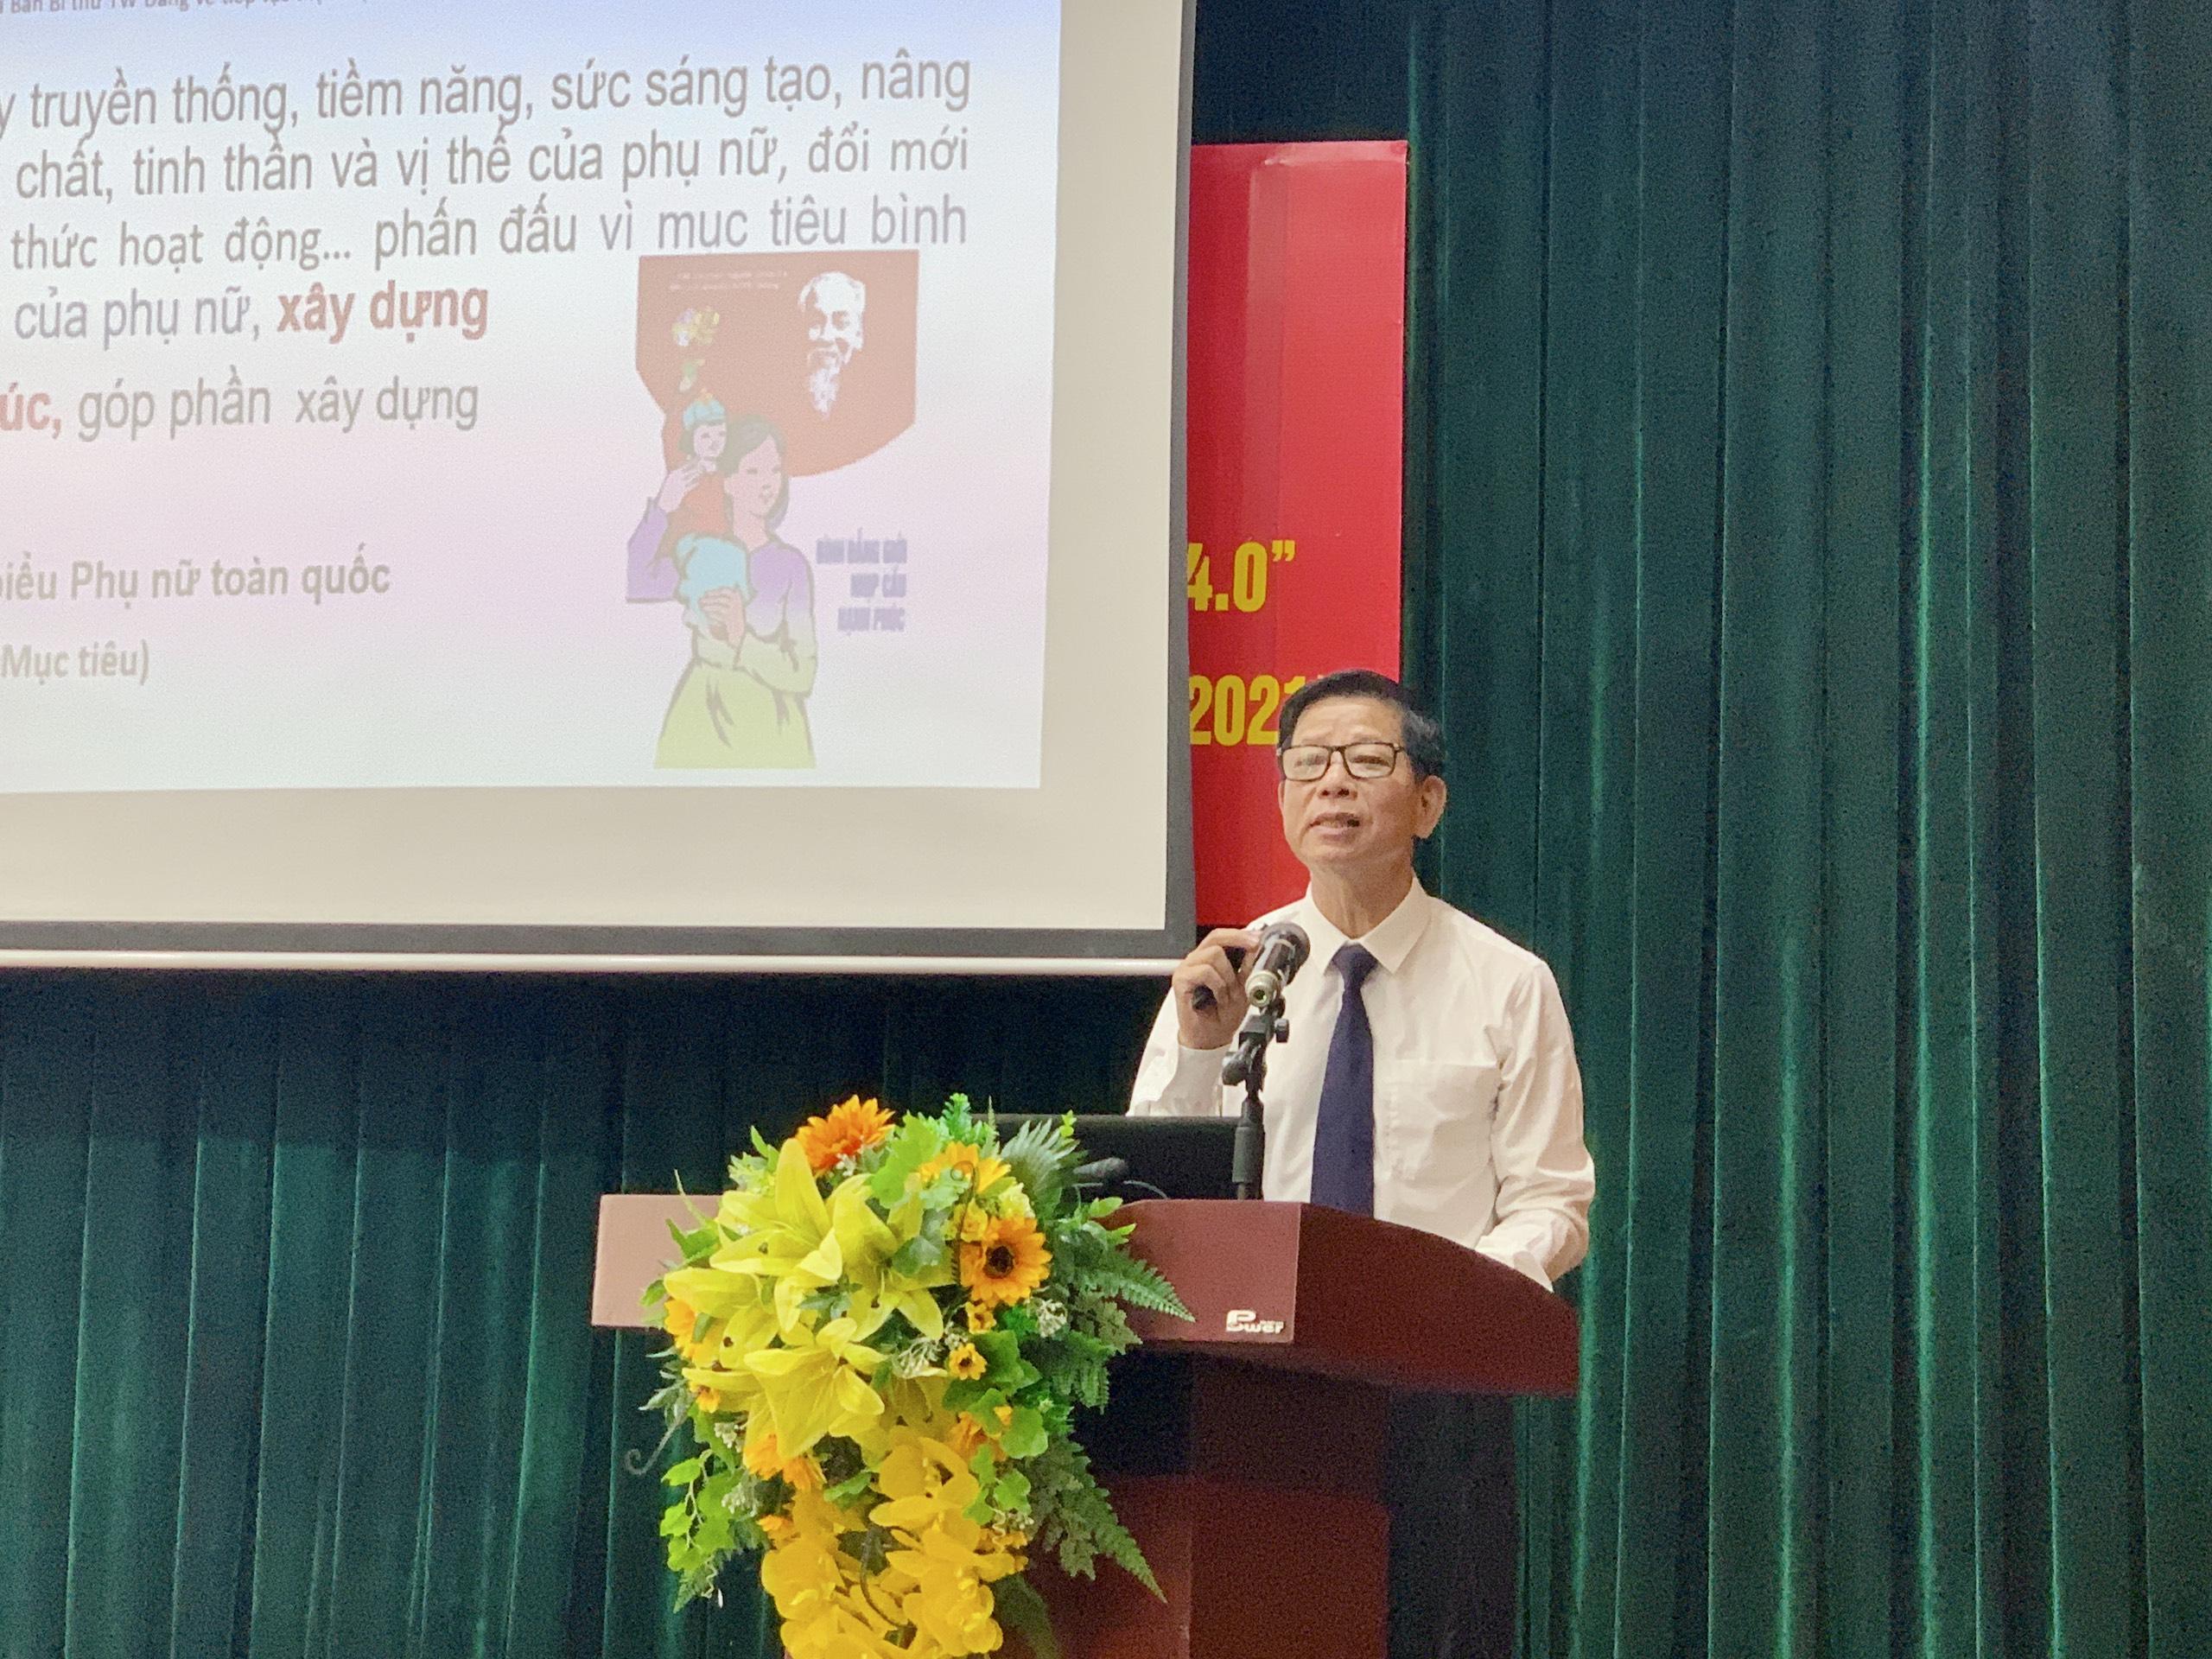 ThS Hoa Hữu Vân - báo cáo viên chương trình trình bày về thực trạng, bối cảnh và những khó khăn, thách thức của gia đình Việt trong thời đại 4.0